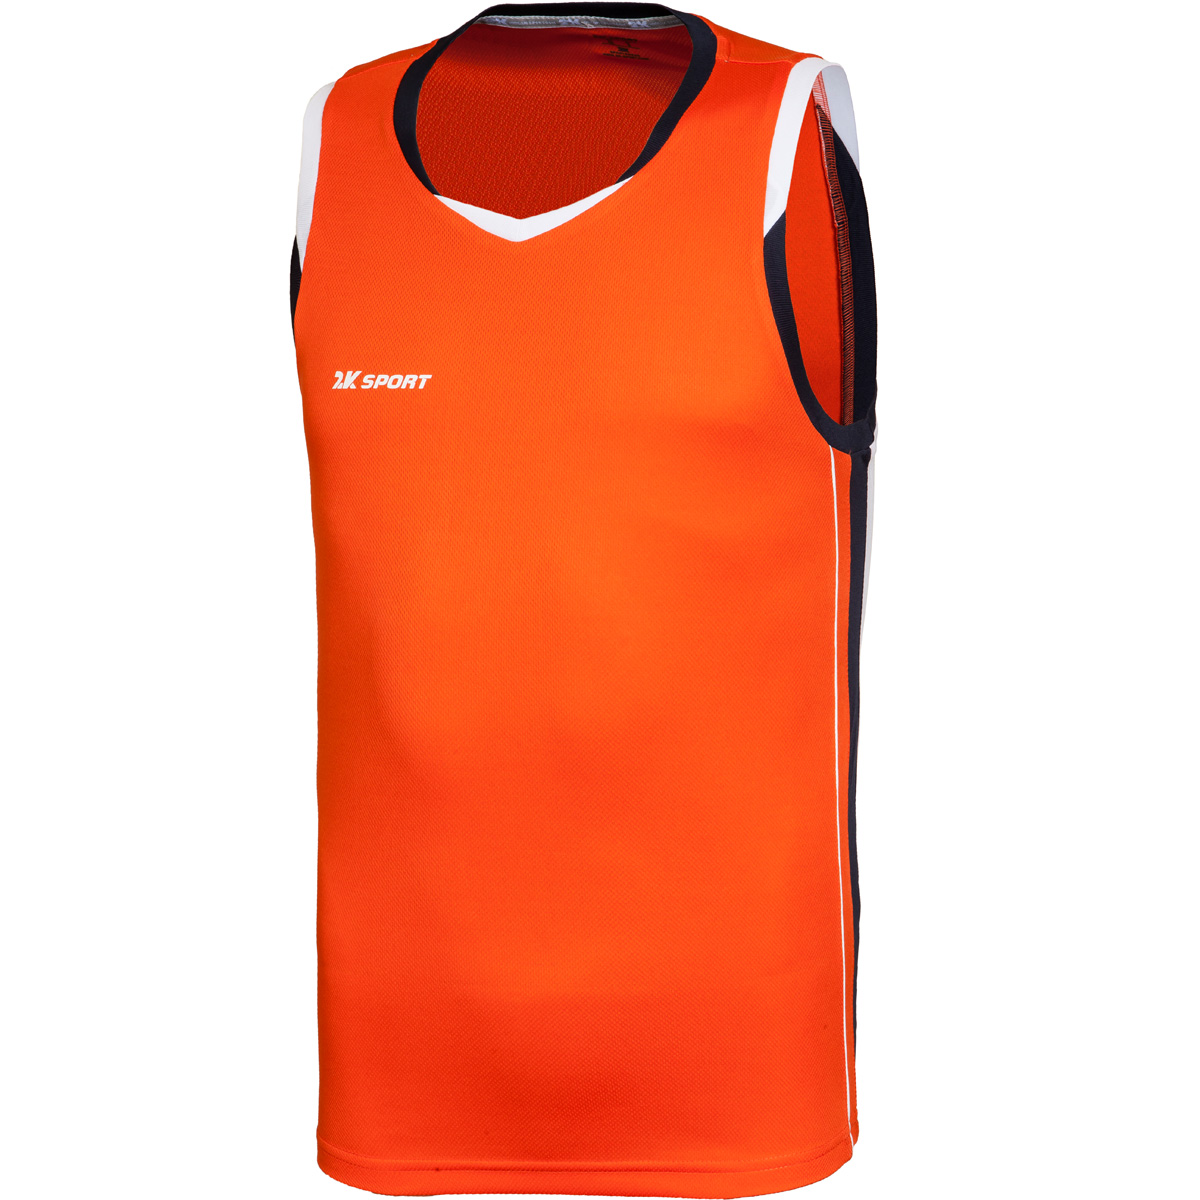 Майка баскетбольная мужская 2K Sport Advance, цвет: оранжевый, темно-синий, белый. 130030. Размер M (48)130030_orange/navy/whiteПрофессиональная баскетбольная игровая майка от 2K Sport создана для того, чтобы вам ничего не мешало демонстрировать великолепную игру на паркете против самых грозных соперников. Особая сетчатая структура ткани позволяет сделать майку практически невесомой, сохраняя при этом прочность и эластичность. Стильный двухцветный кант по вороту и рукаву. Боковые контрастные вставки.